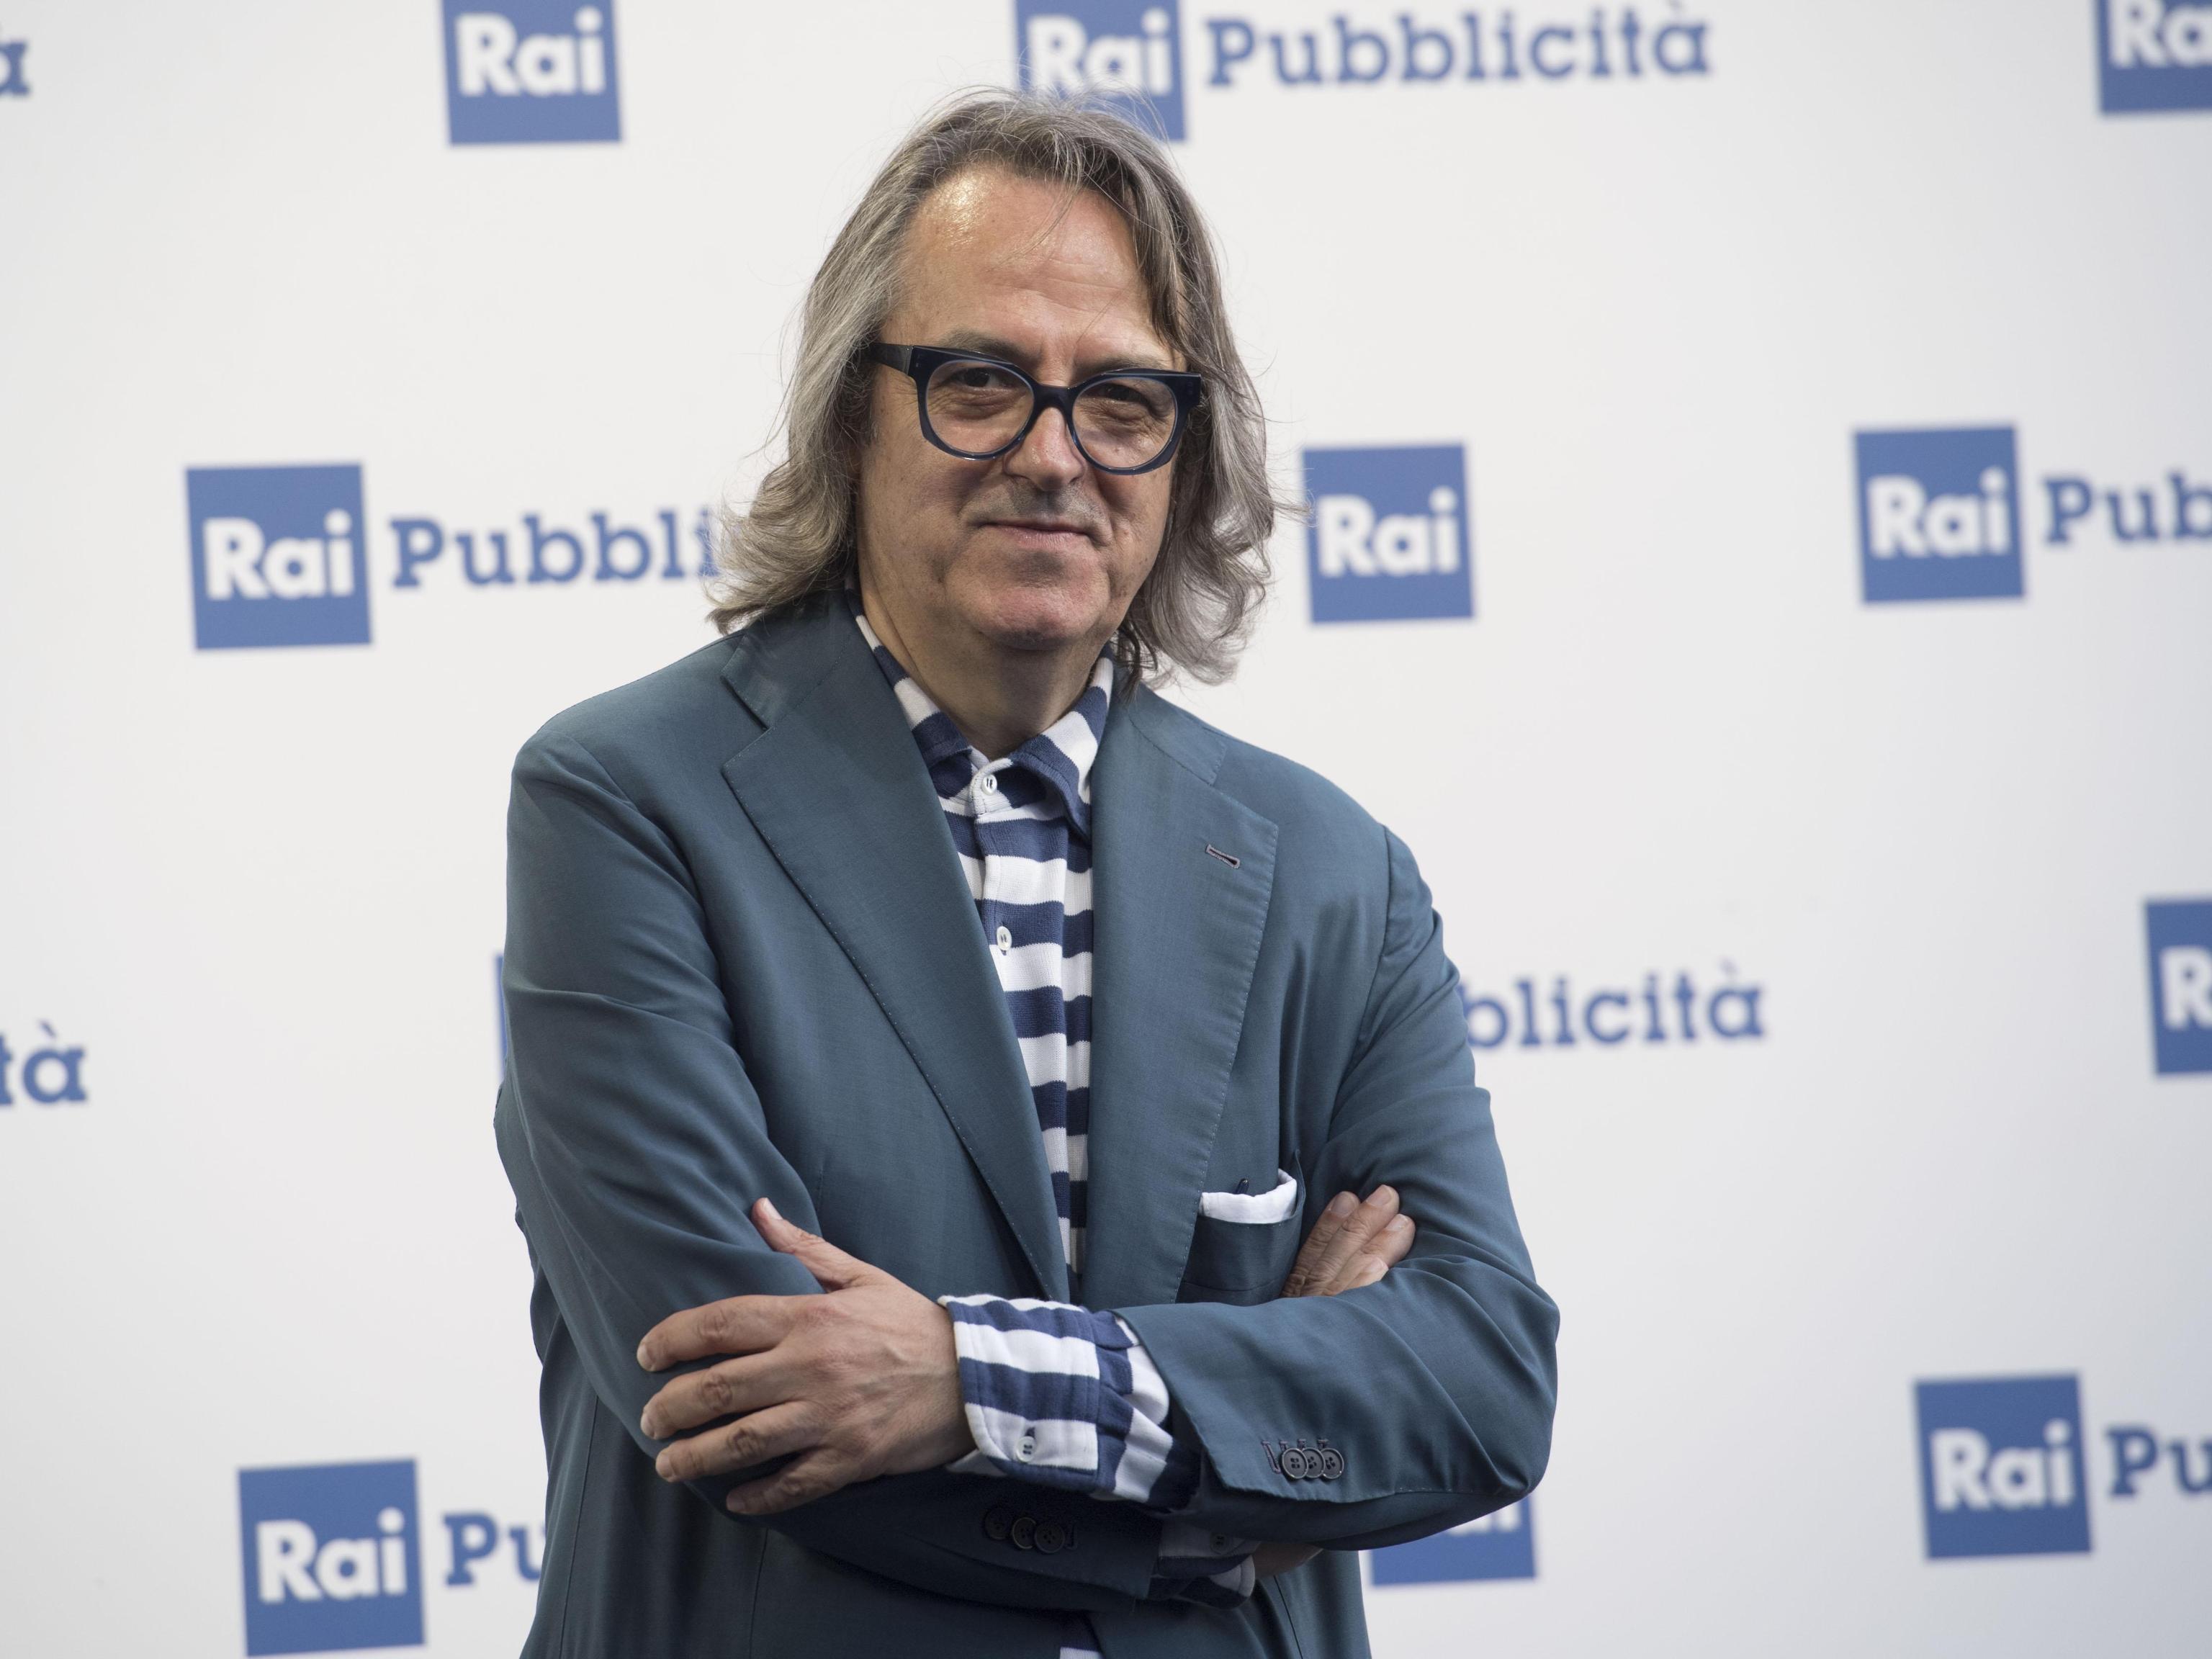 Gigi Marzullo a Vieni da me: 'Ho paura di morire, sono rimasto solo'